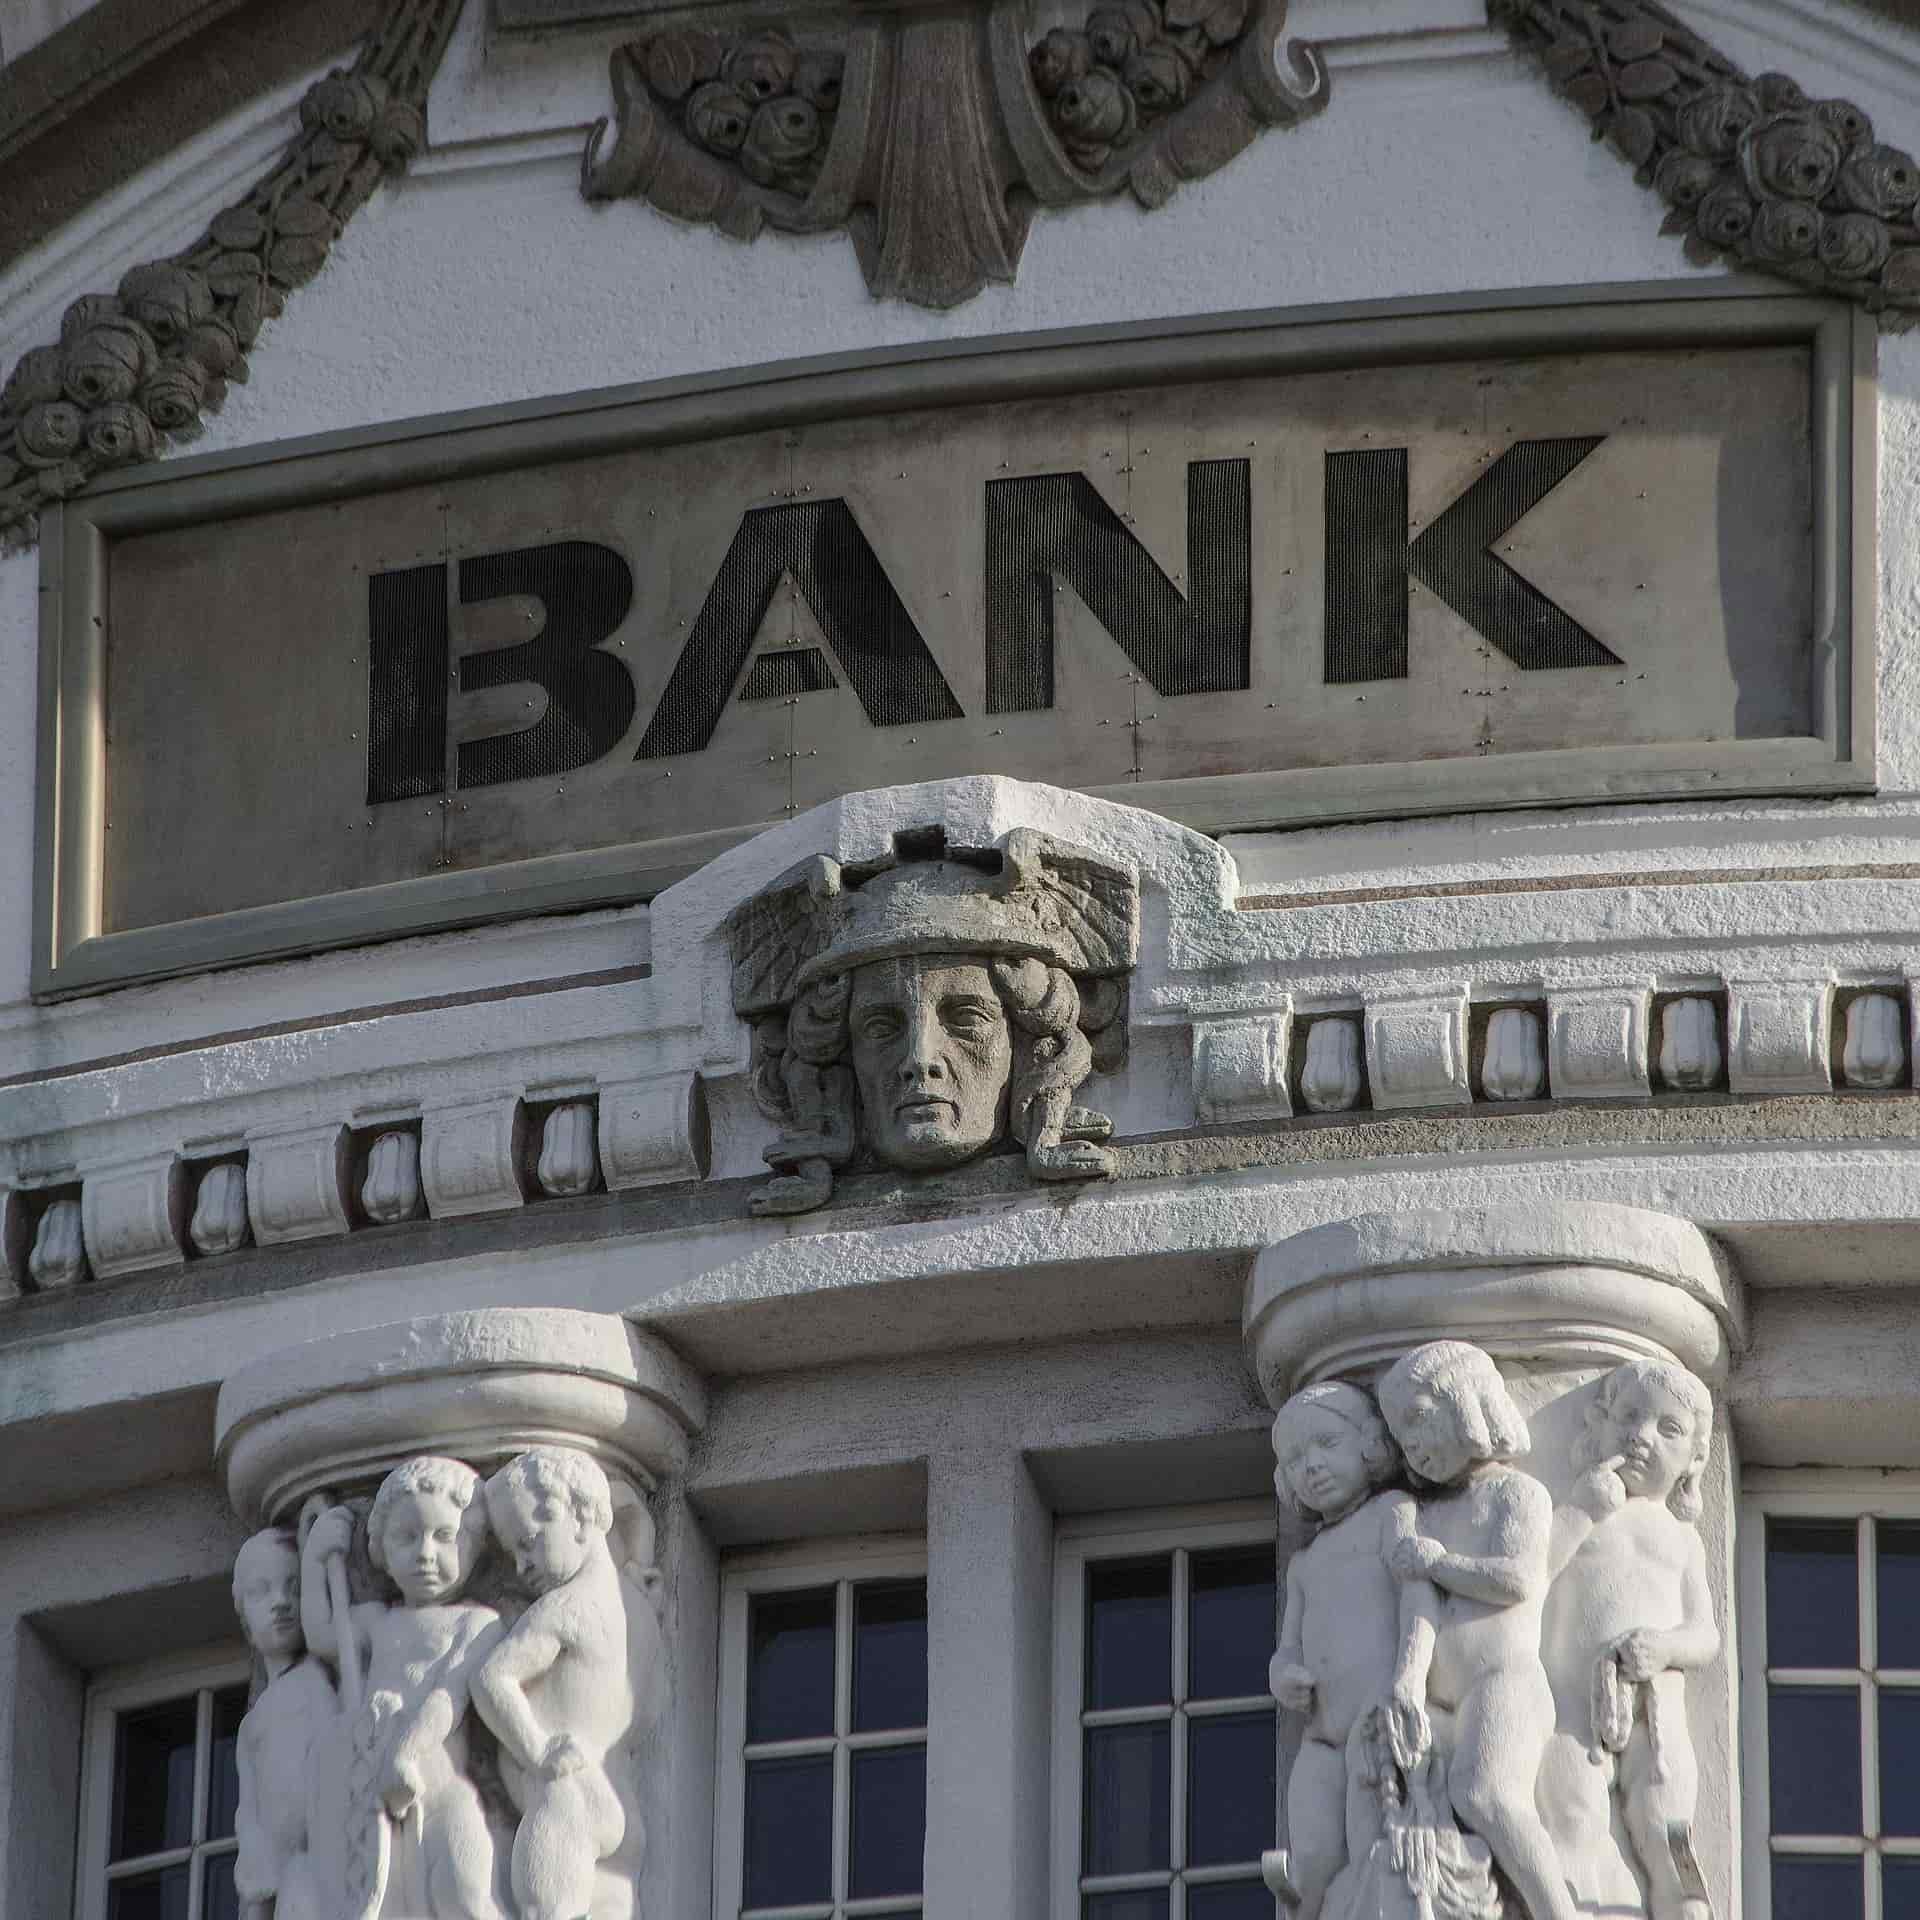 Consejos para comprar pisos de bancos en madrid engel v lkers madrid - Pisos de bancos en madrid ...